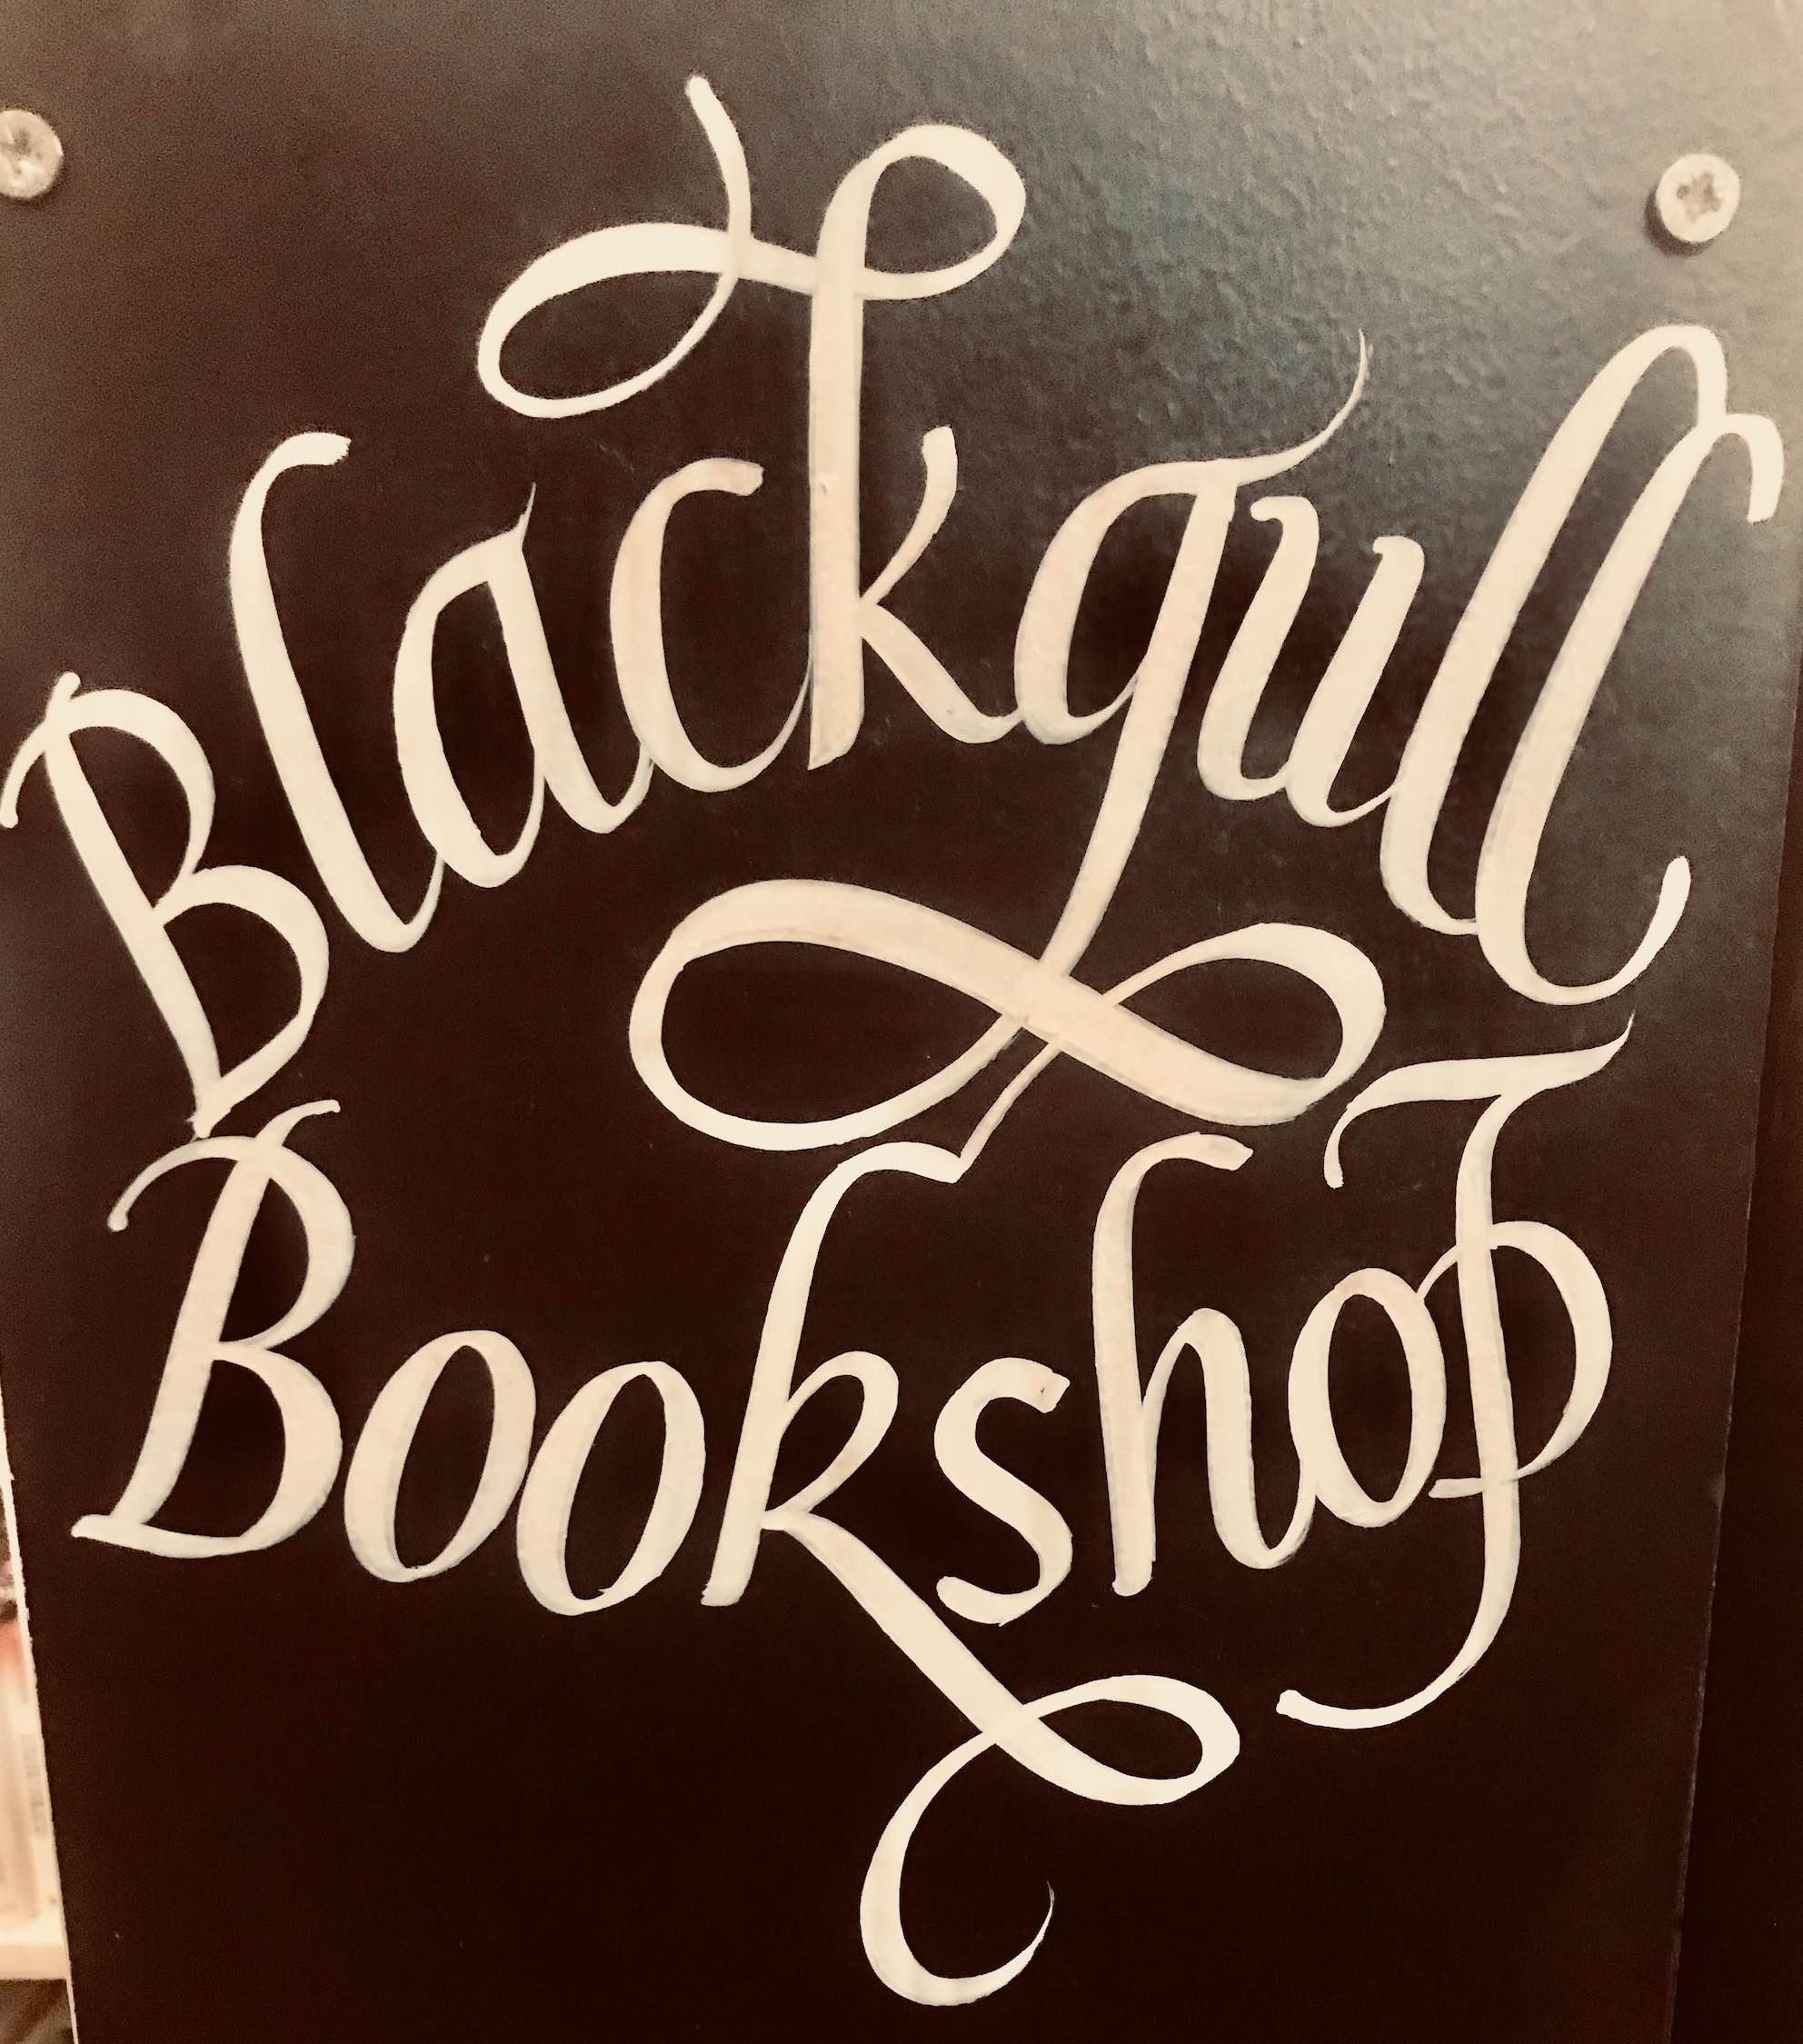 Bookshop Camden Town London